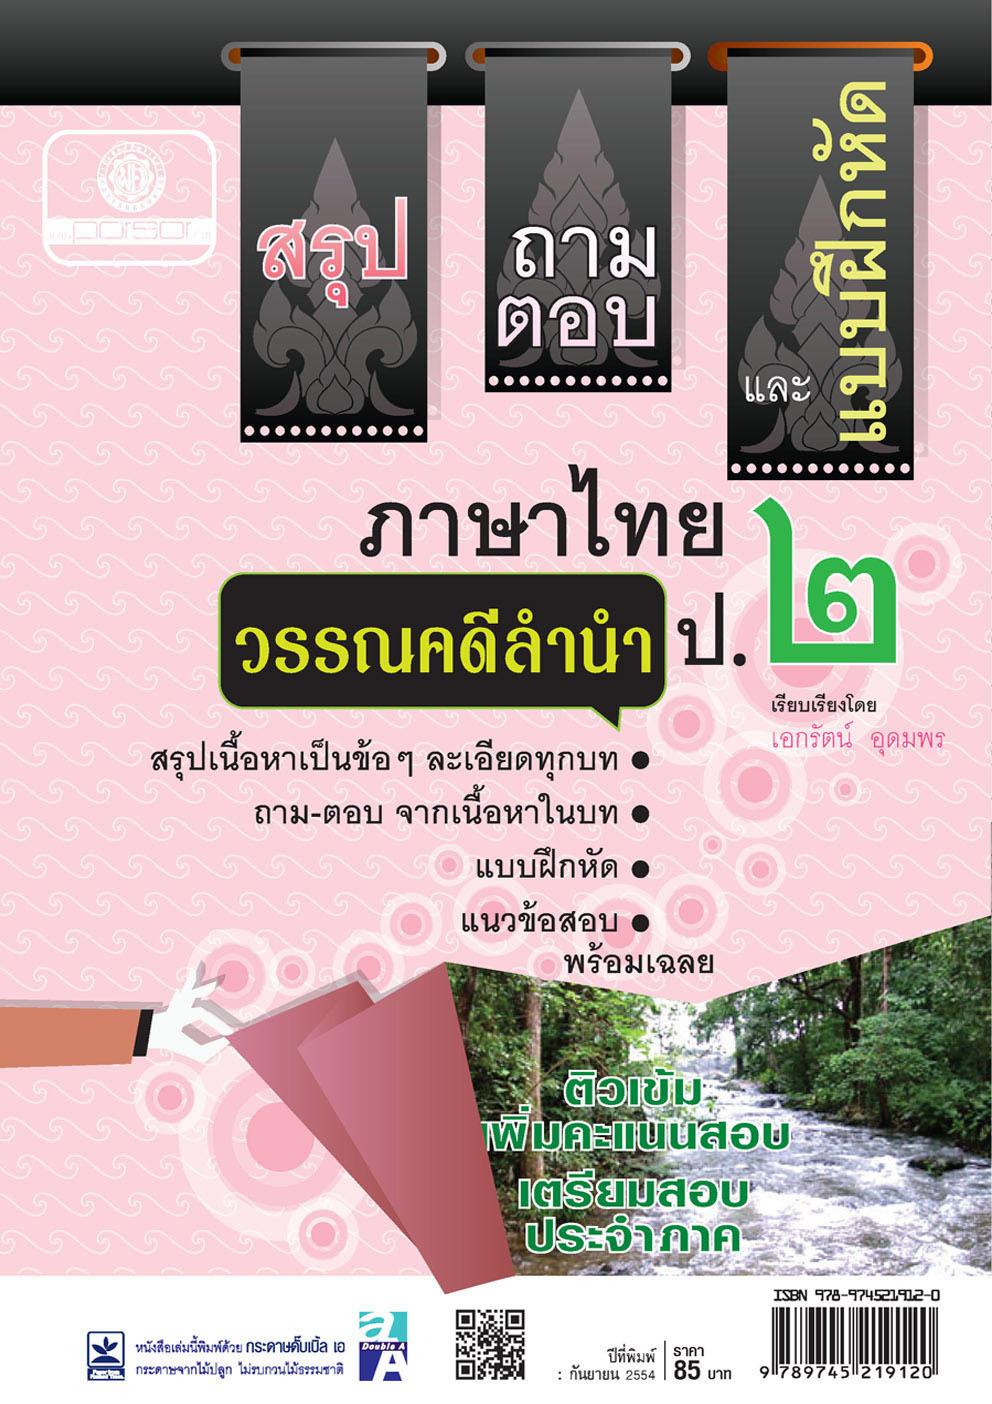 สรุป ถามตอบ และแบบฝึกหัด ภาษาไทย ป.2 วรรณคดีลำนำ